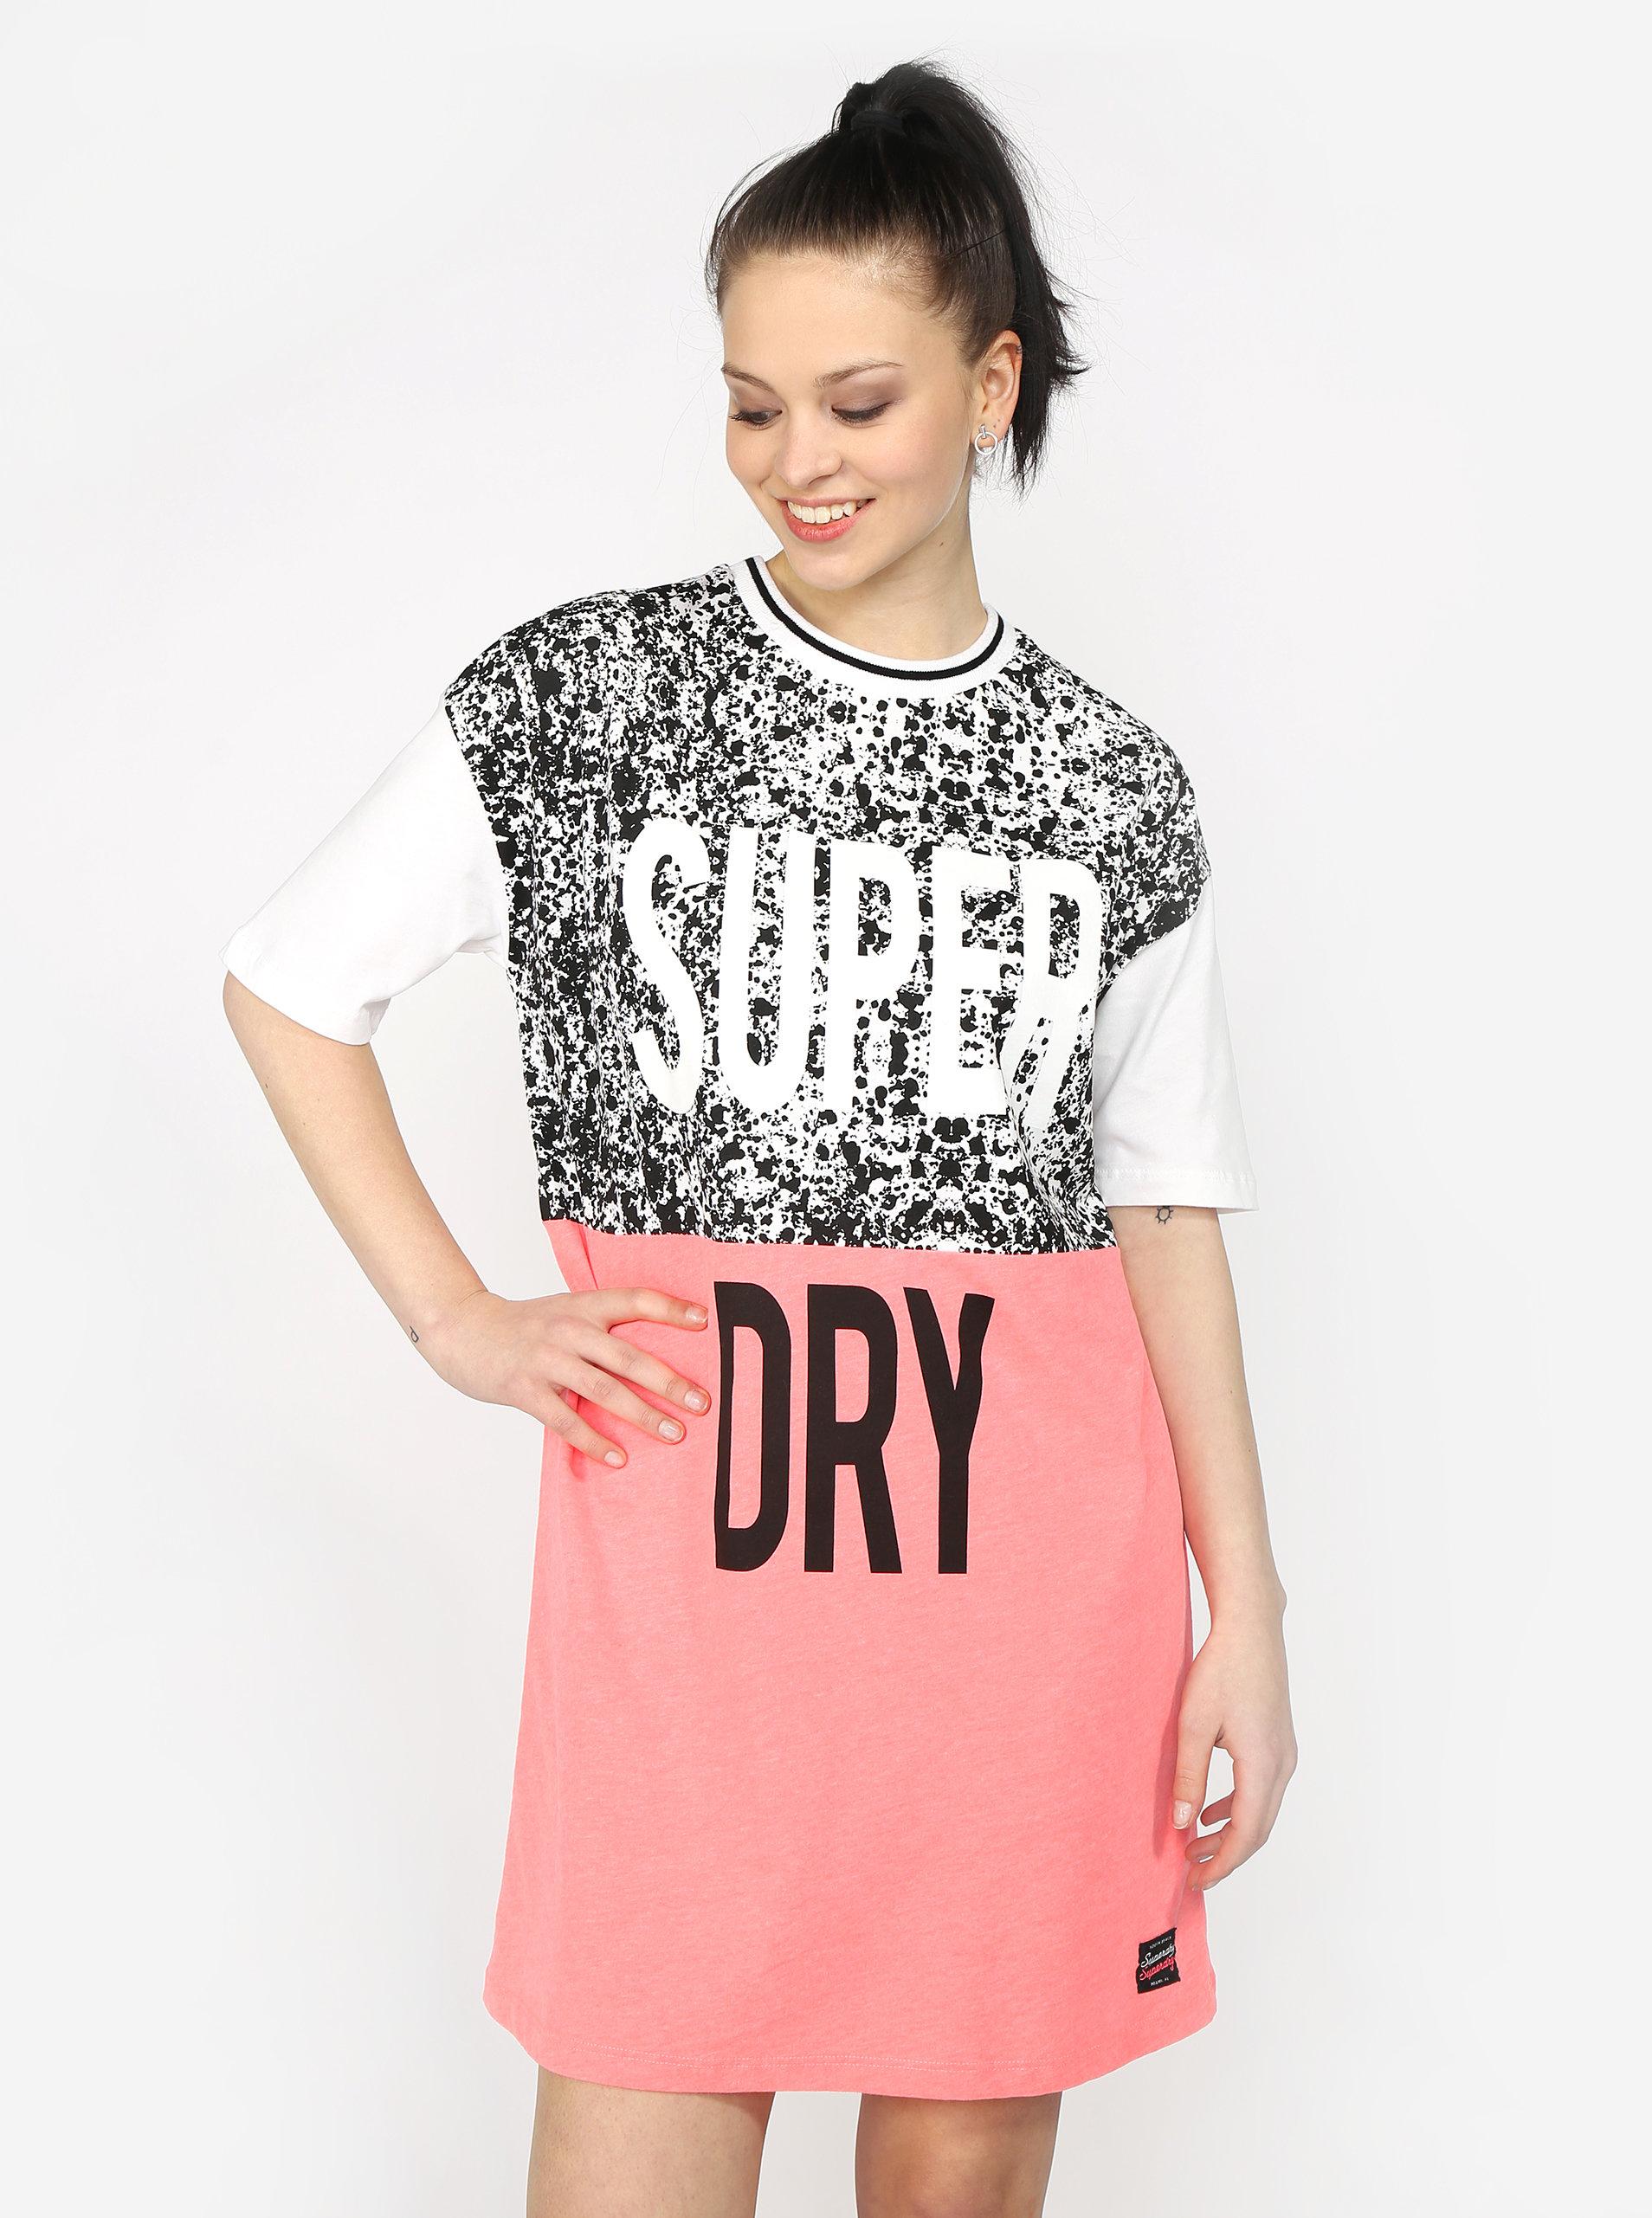 Bílo-růžové dámské šaty s potiskem Superdry ... 0201335676